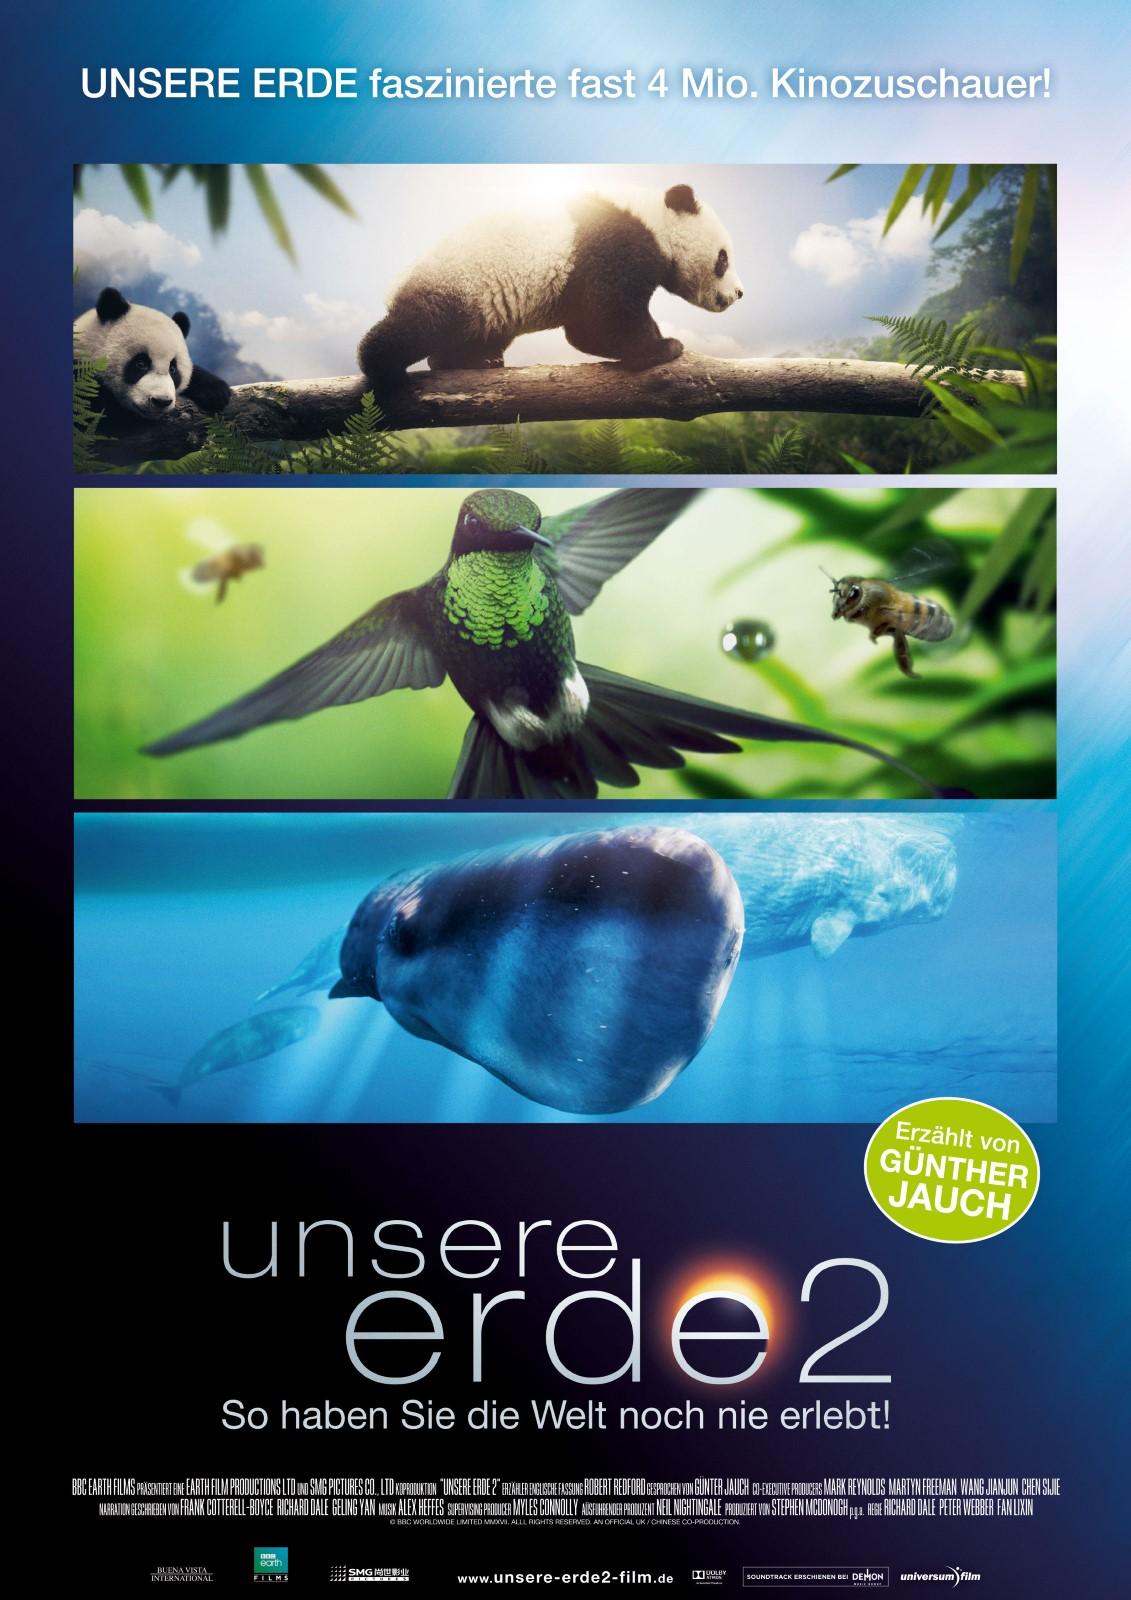 Unsere Erde 2 - Die Filmstarts-Kritik auf FILMSTARTS.de  Unsere Erde 2 -...